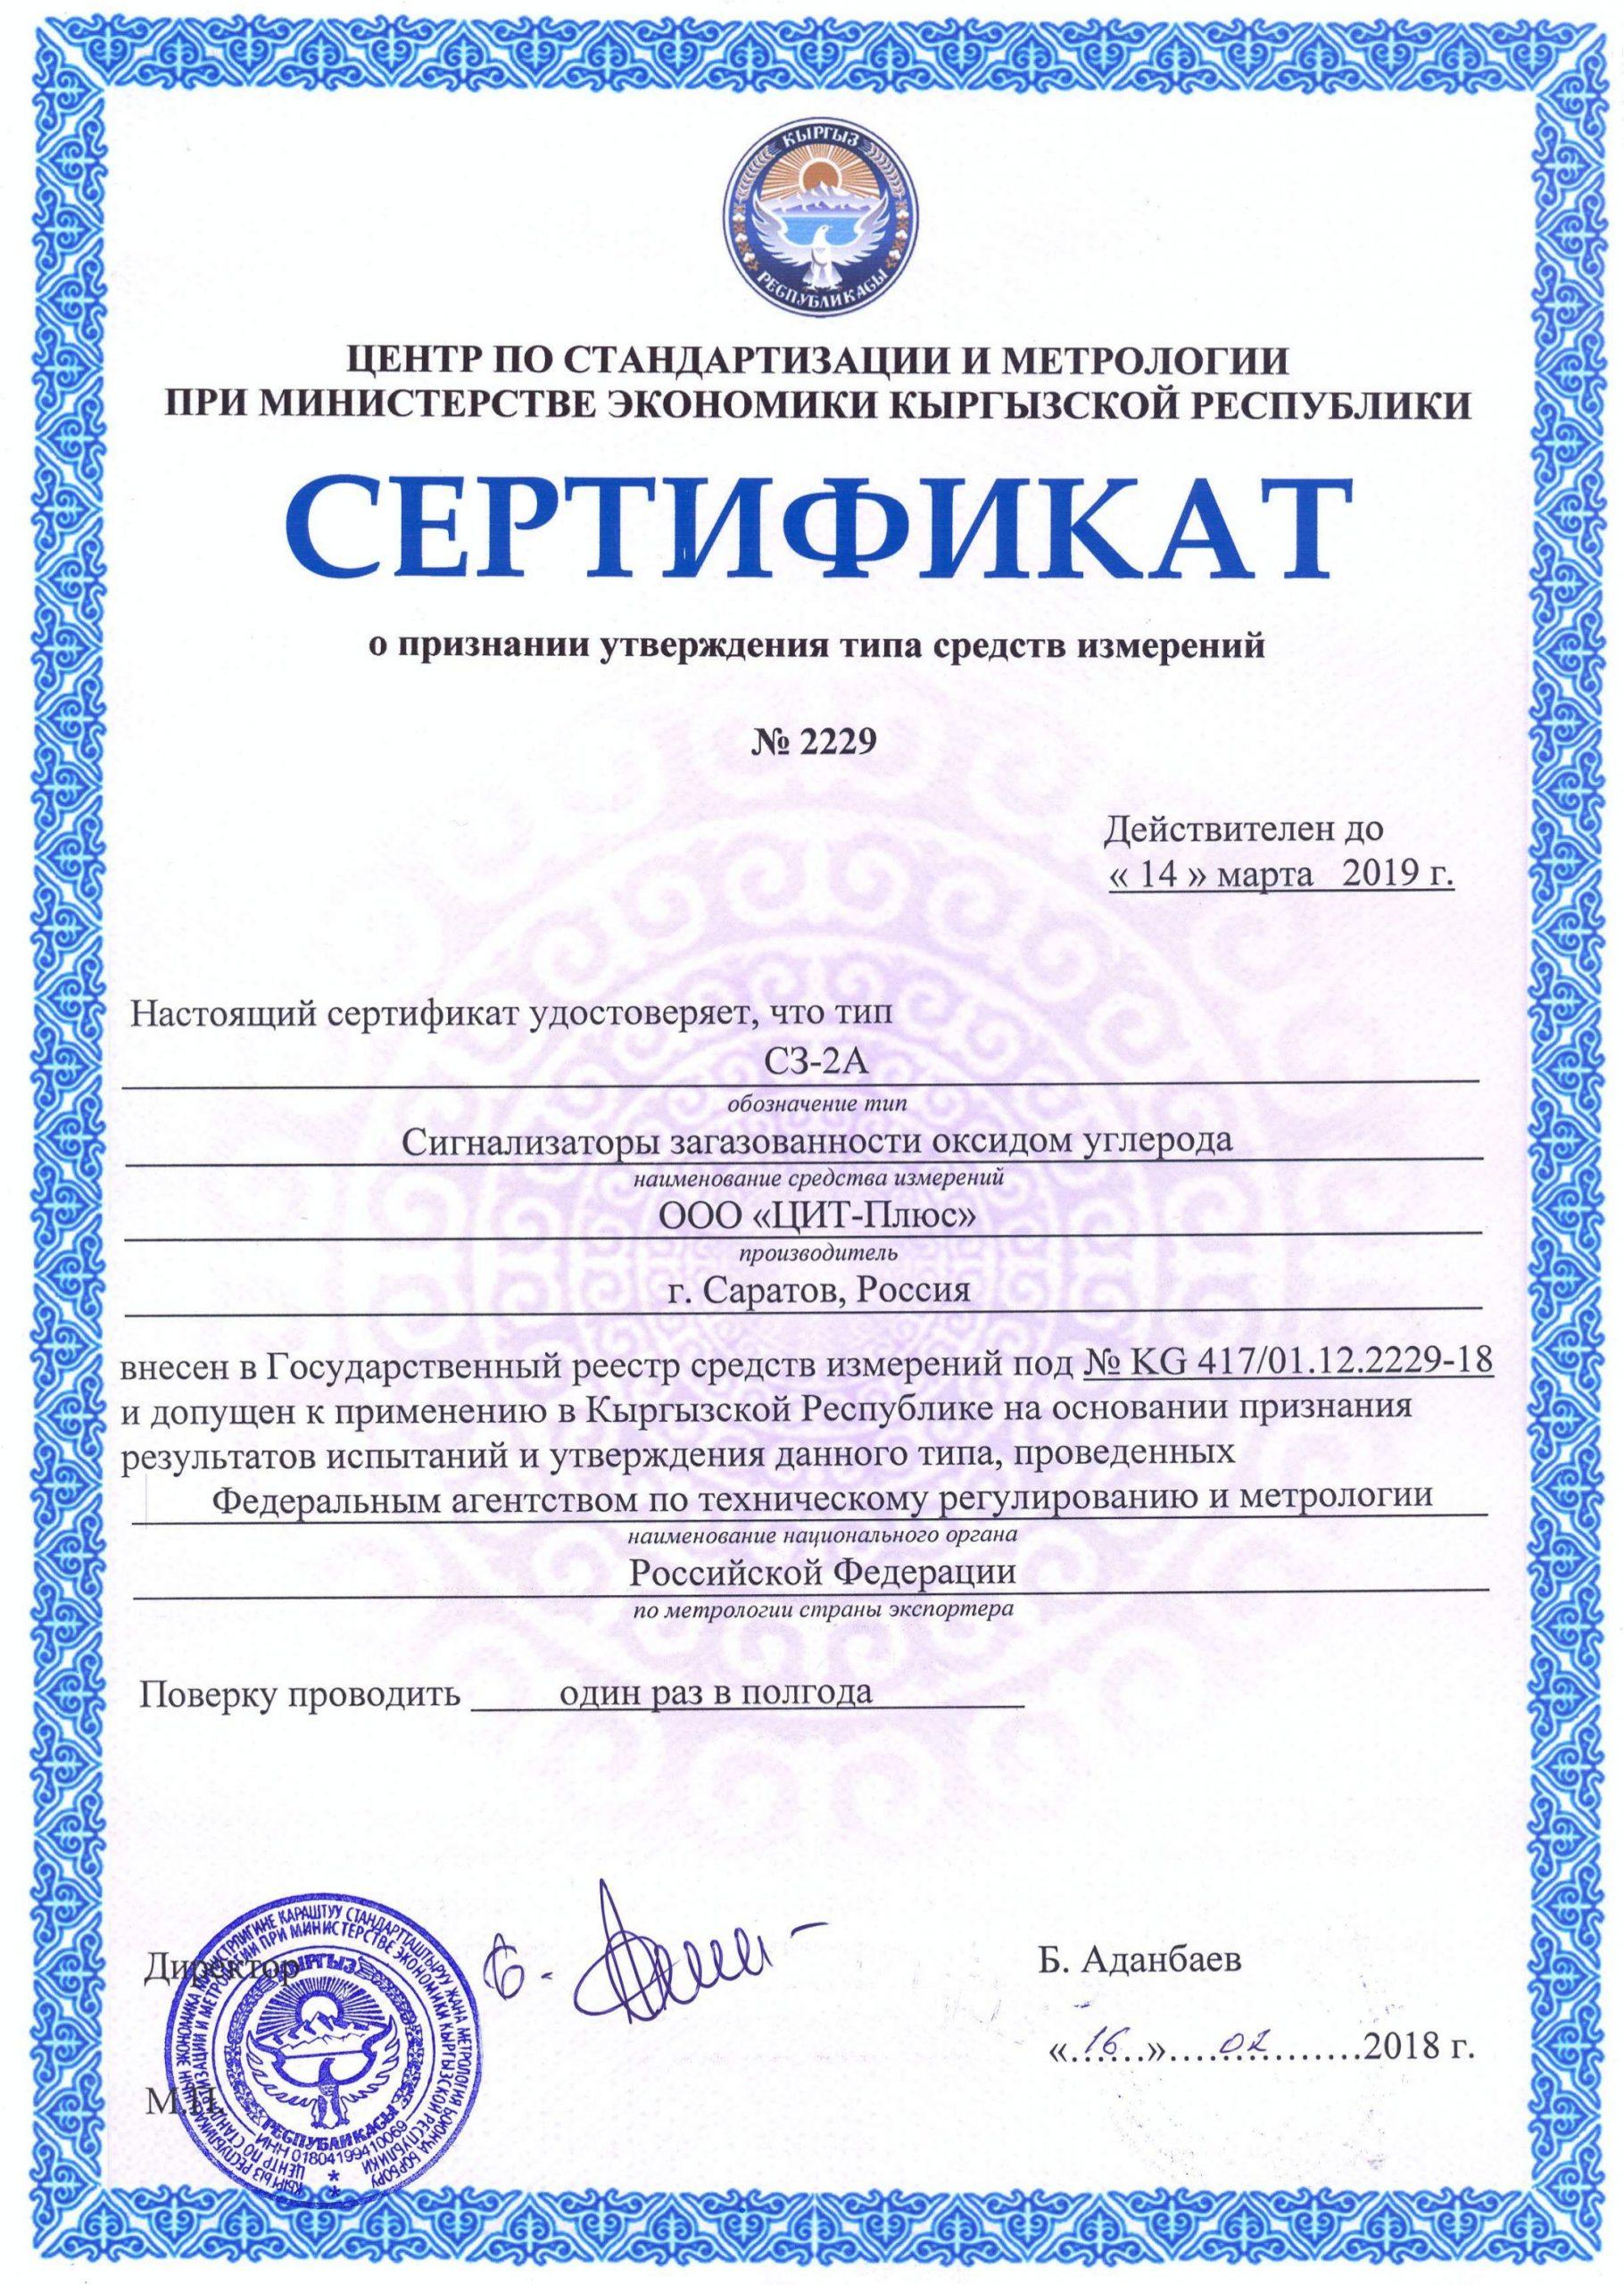 Сертификаты соответствия (Киргизская Республика)